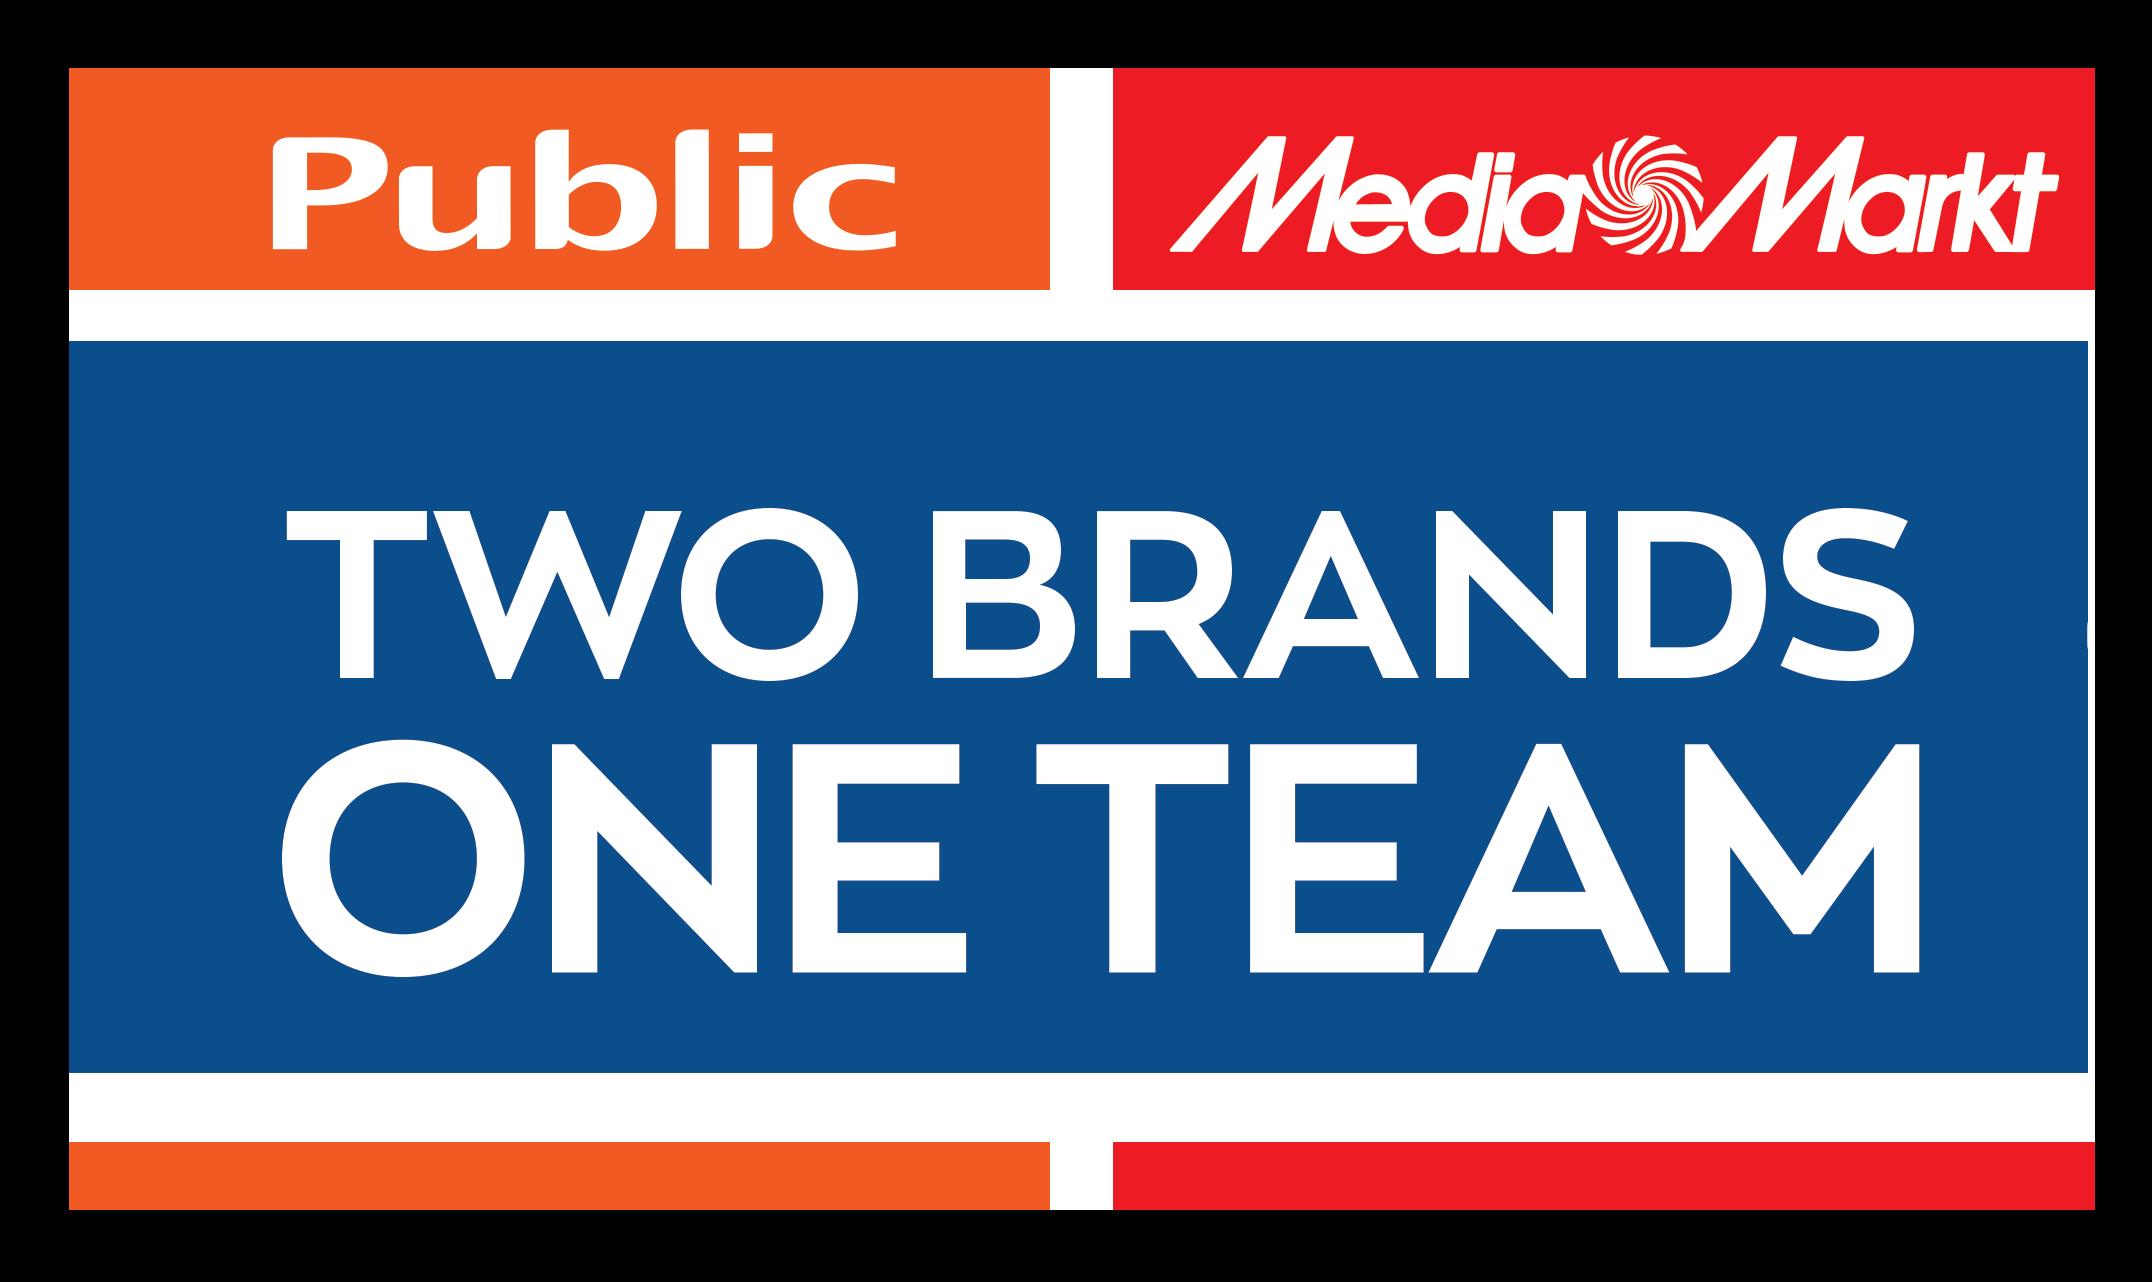 Ξεκινά σήμερα η υλοποίηση της συμφωνίας Public – MediaMarkt